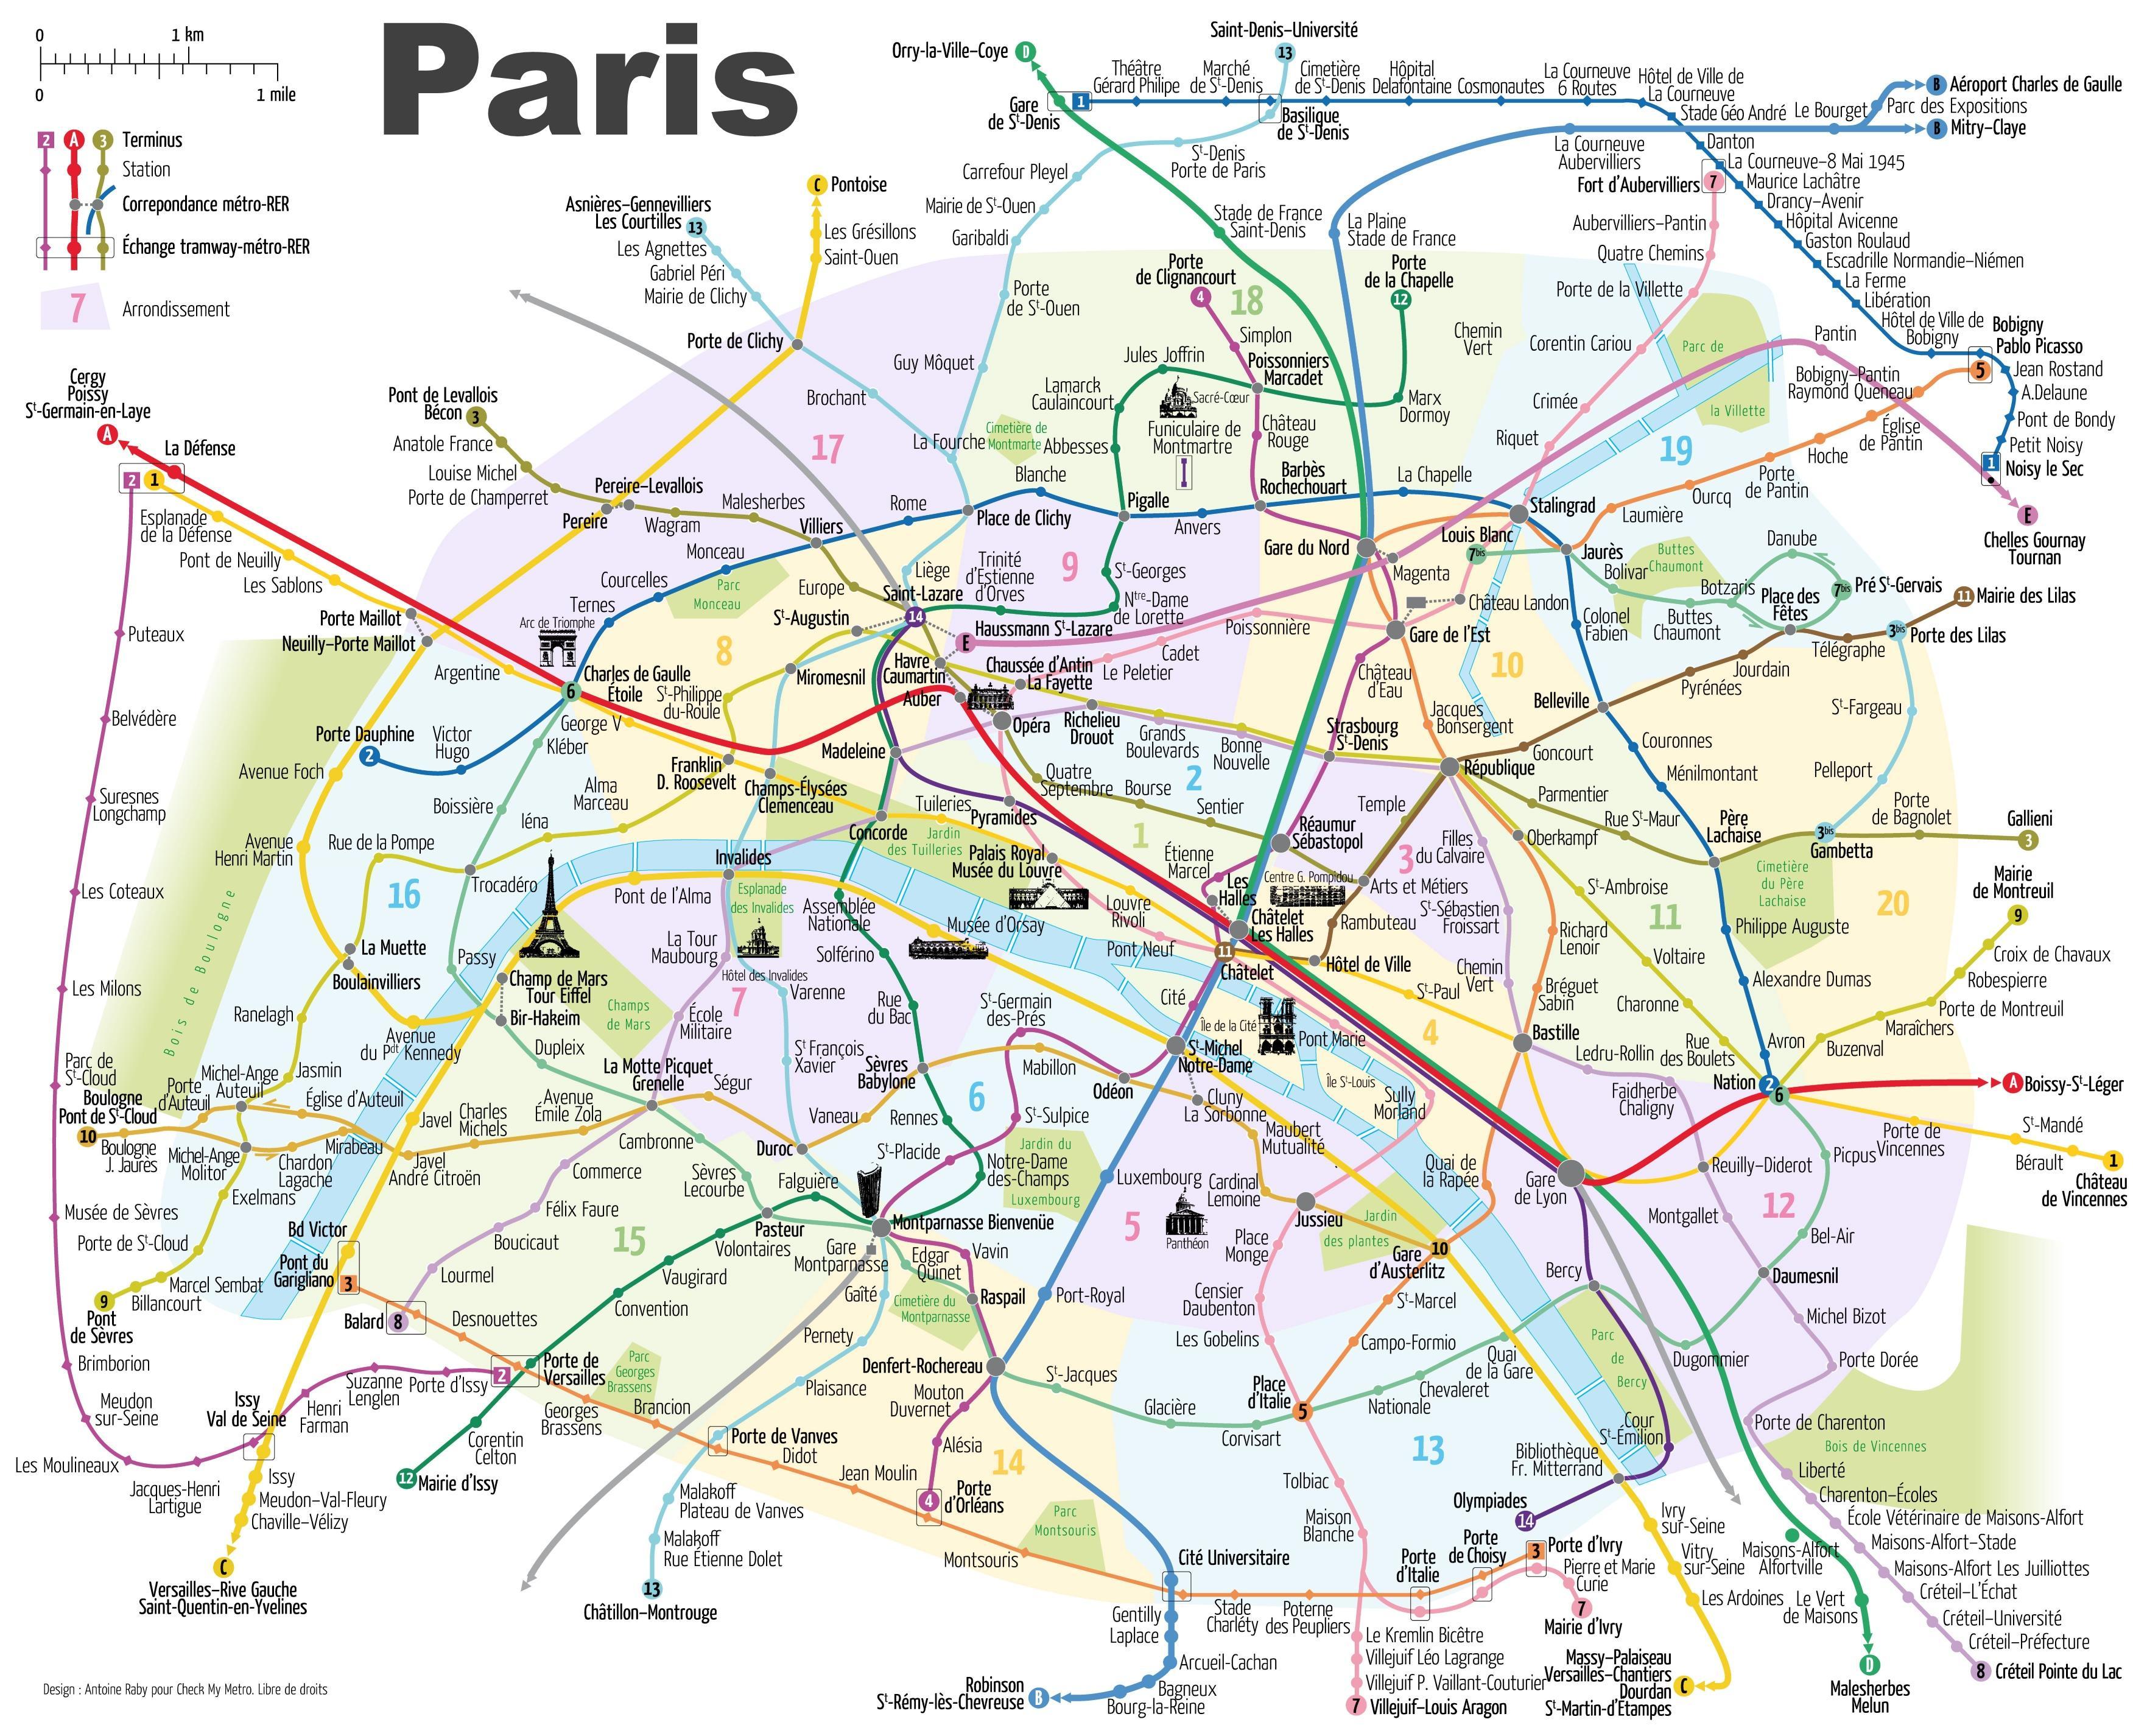 Egy Terkep Parizs Franciaorszag Parizs Terkep Mutatja